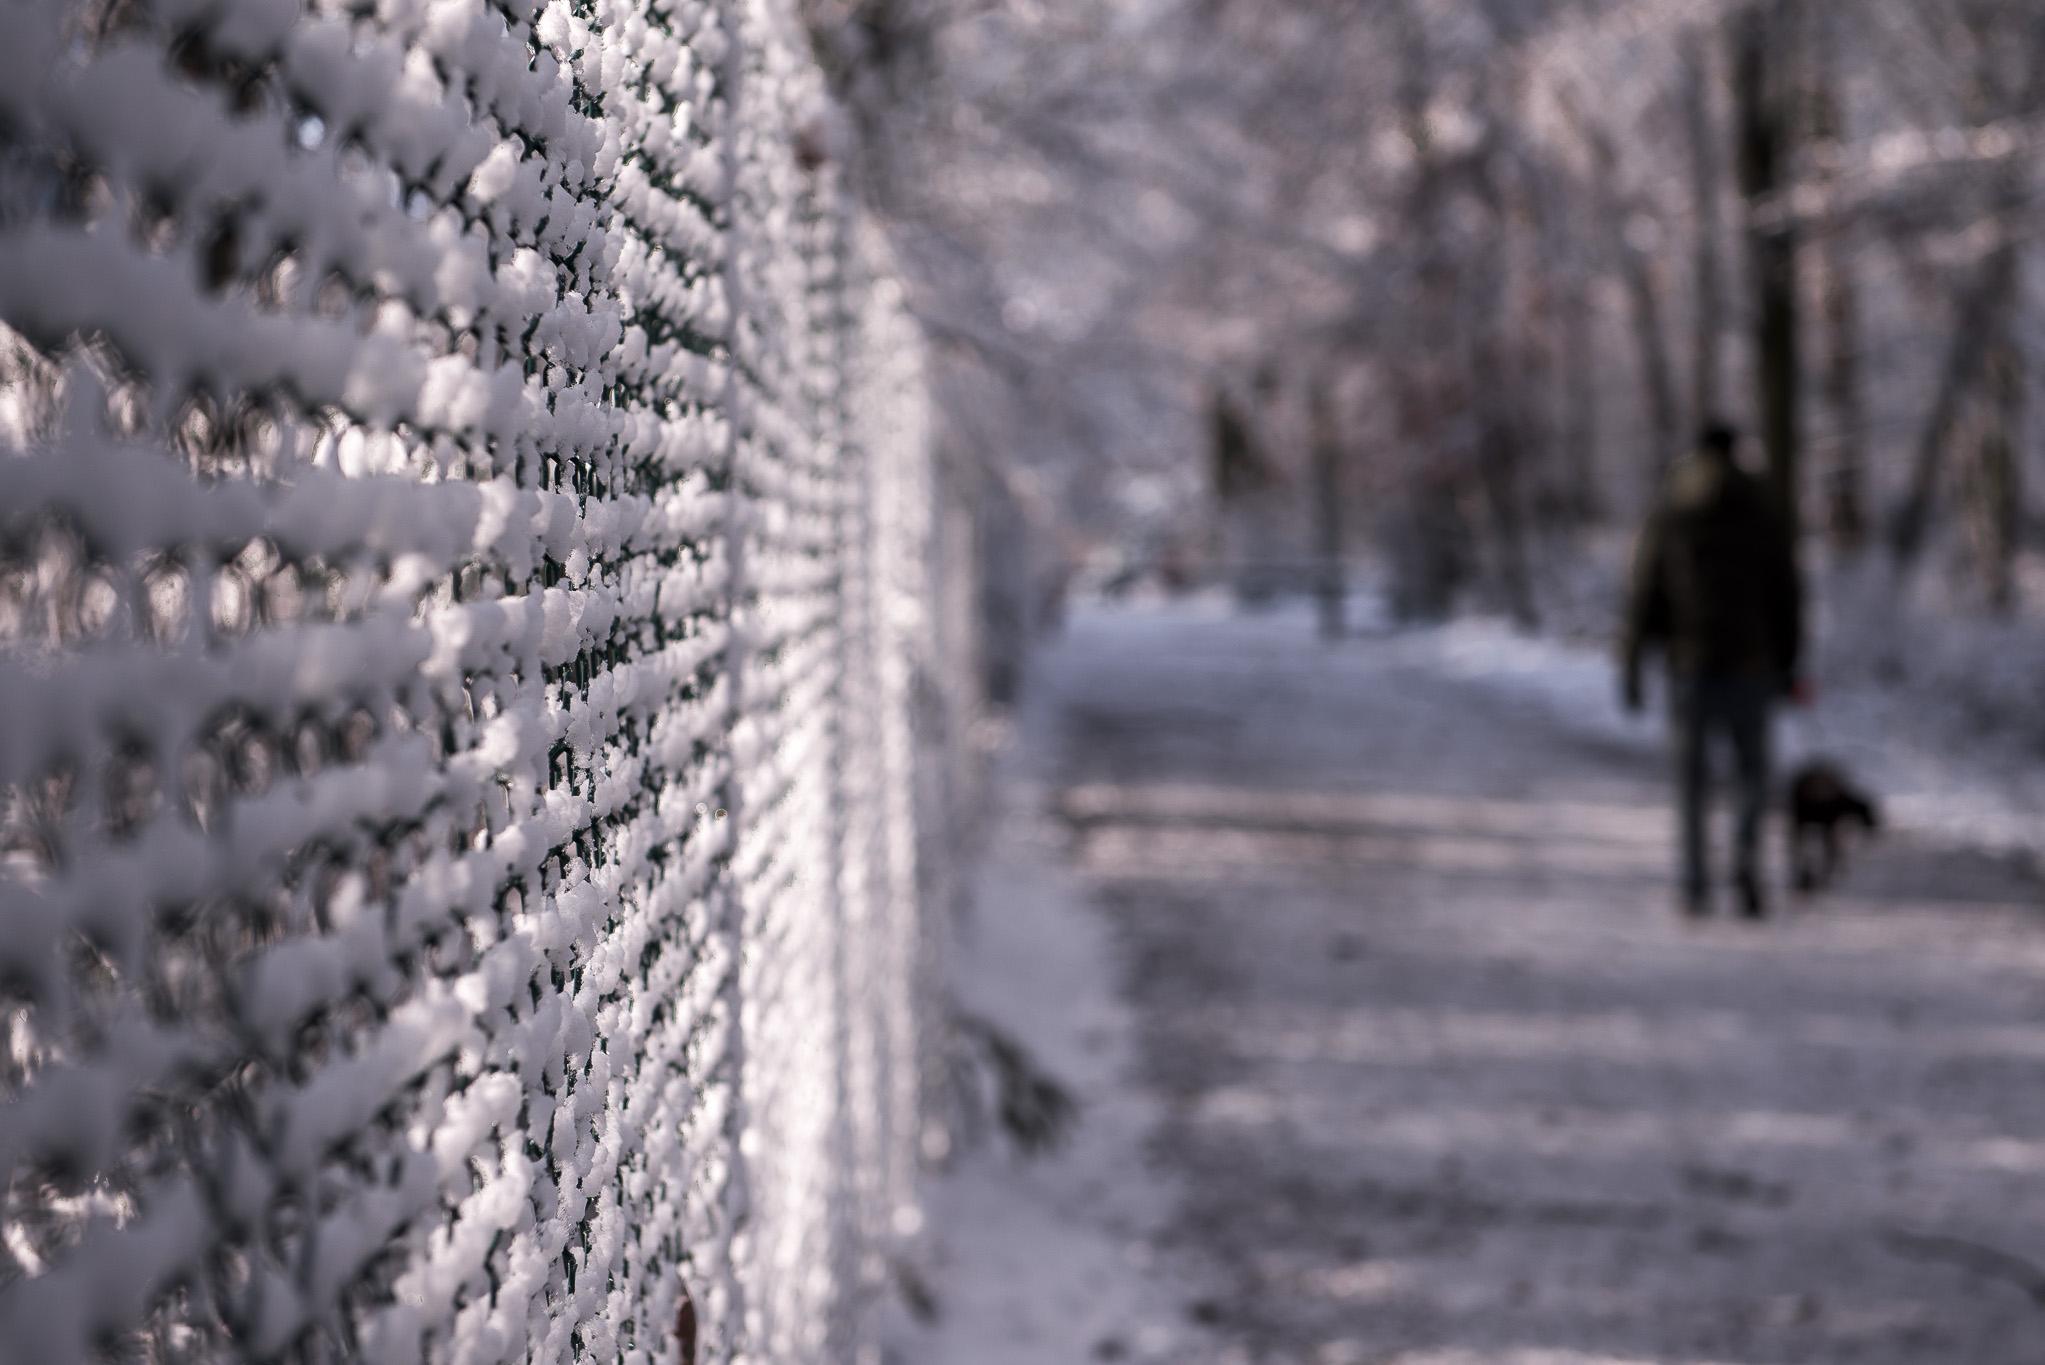 Neige, promeneur et lumière hivernale, ambiance et détail photographique par Marc Feron